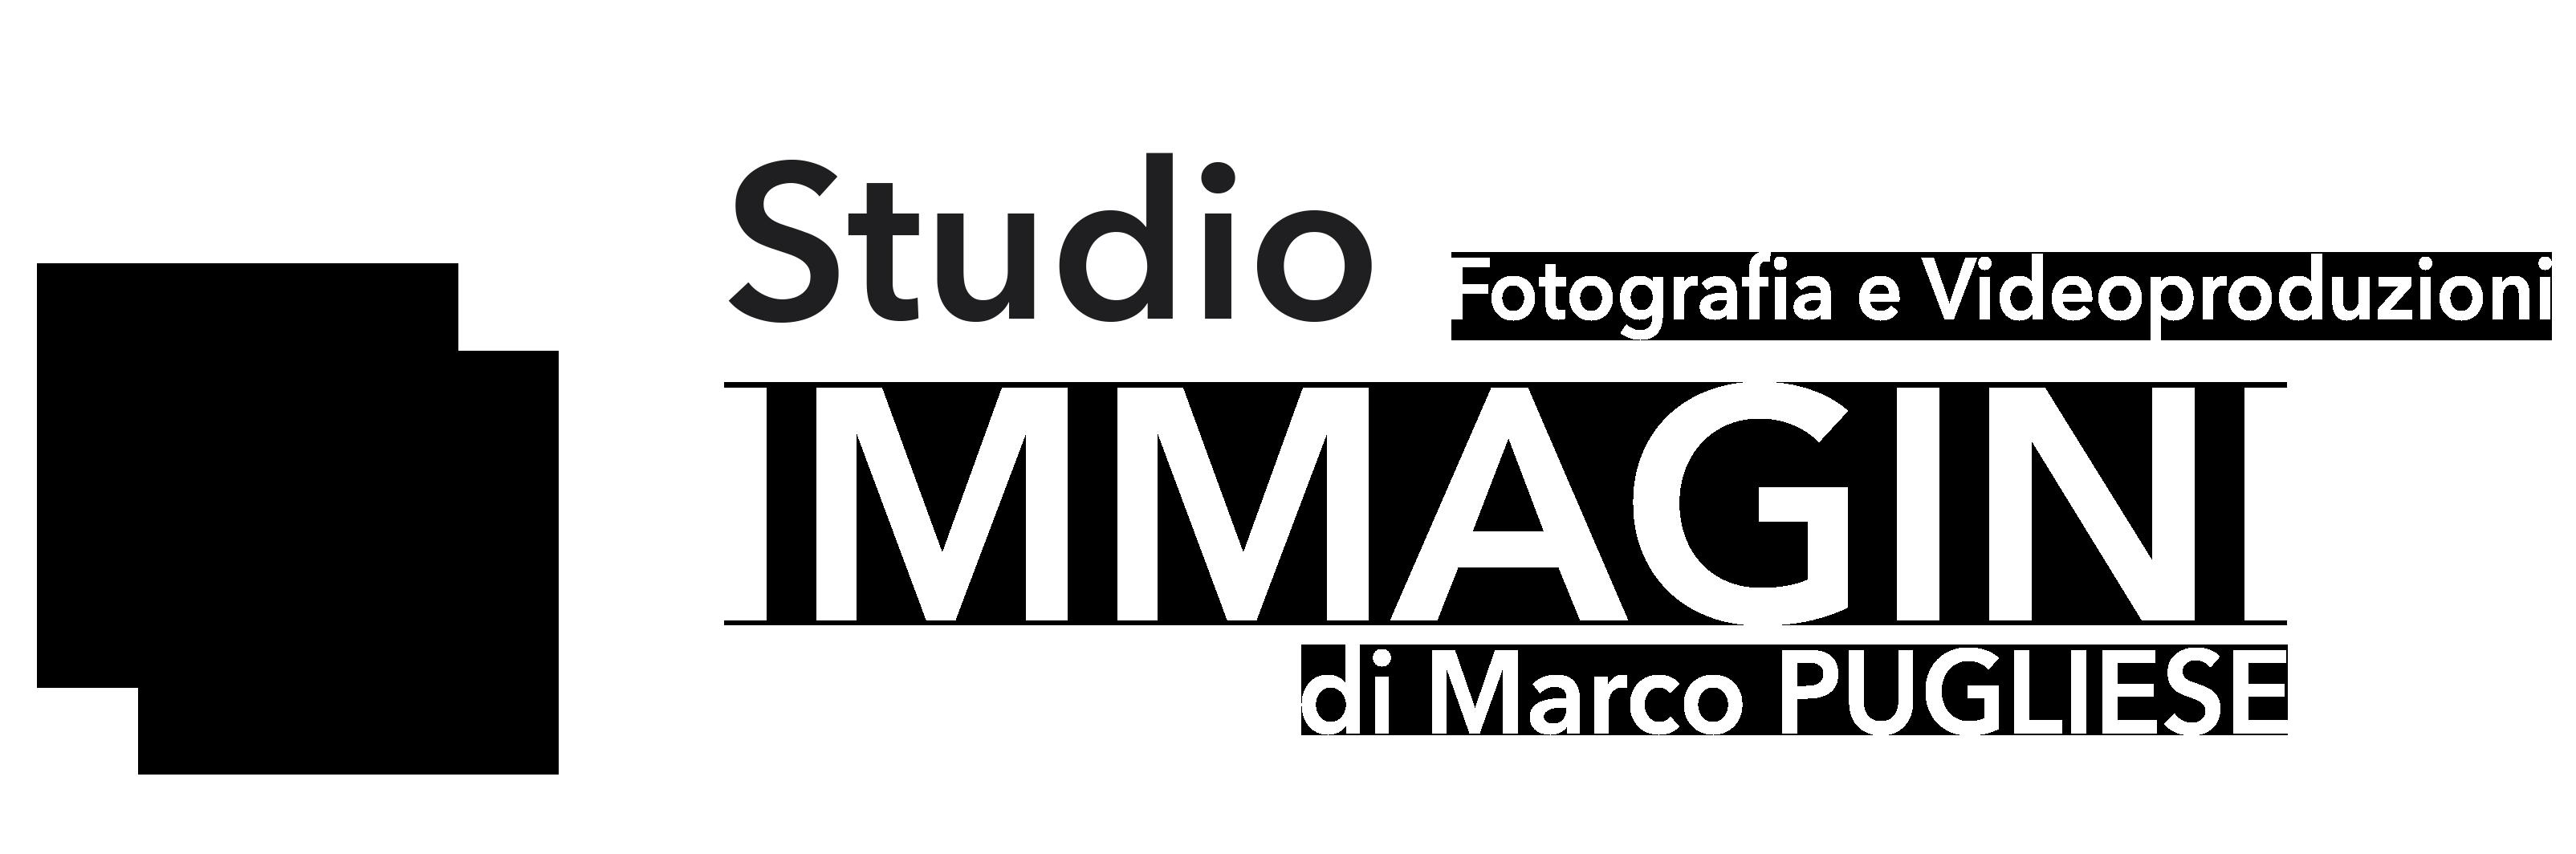 Immagini Studio